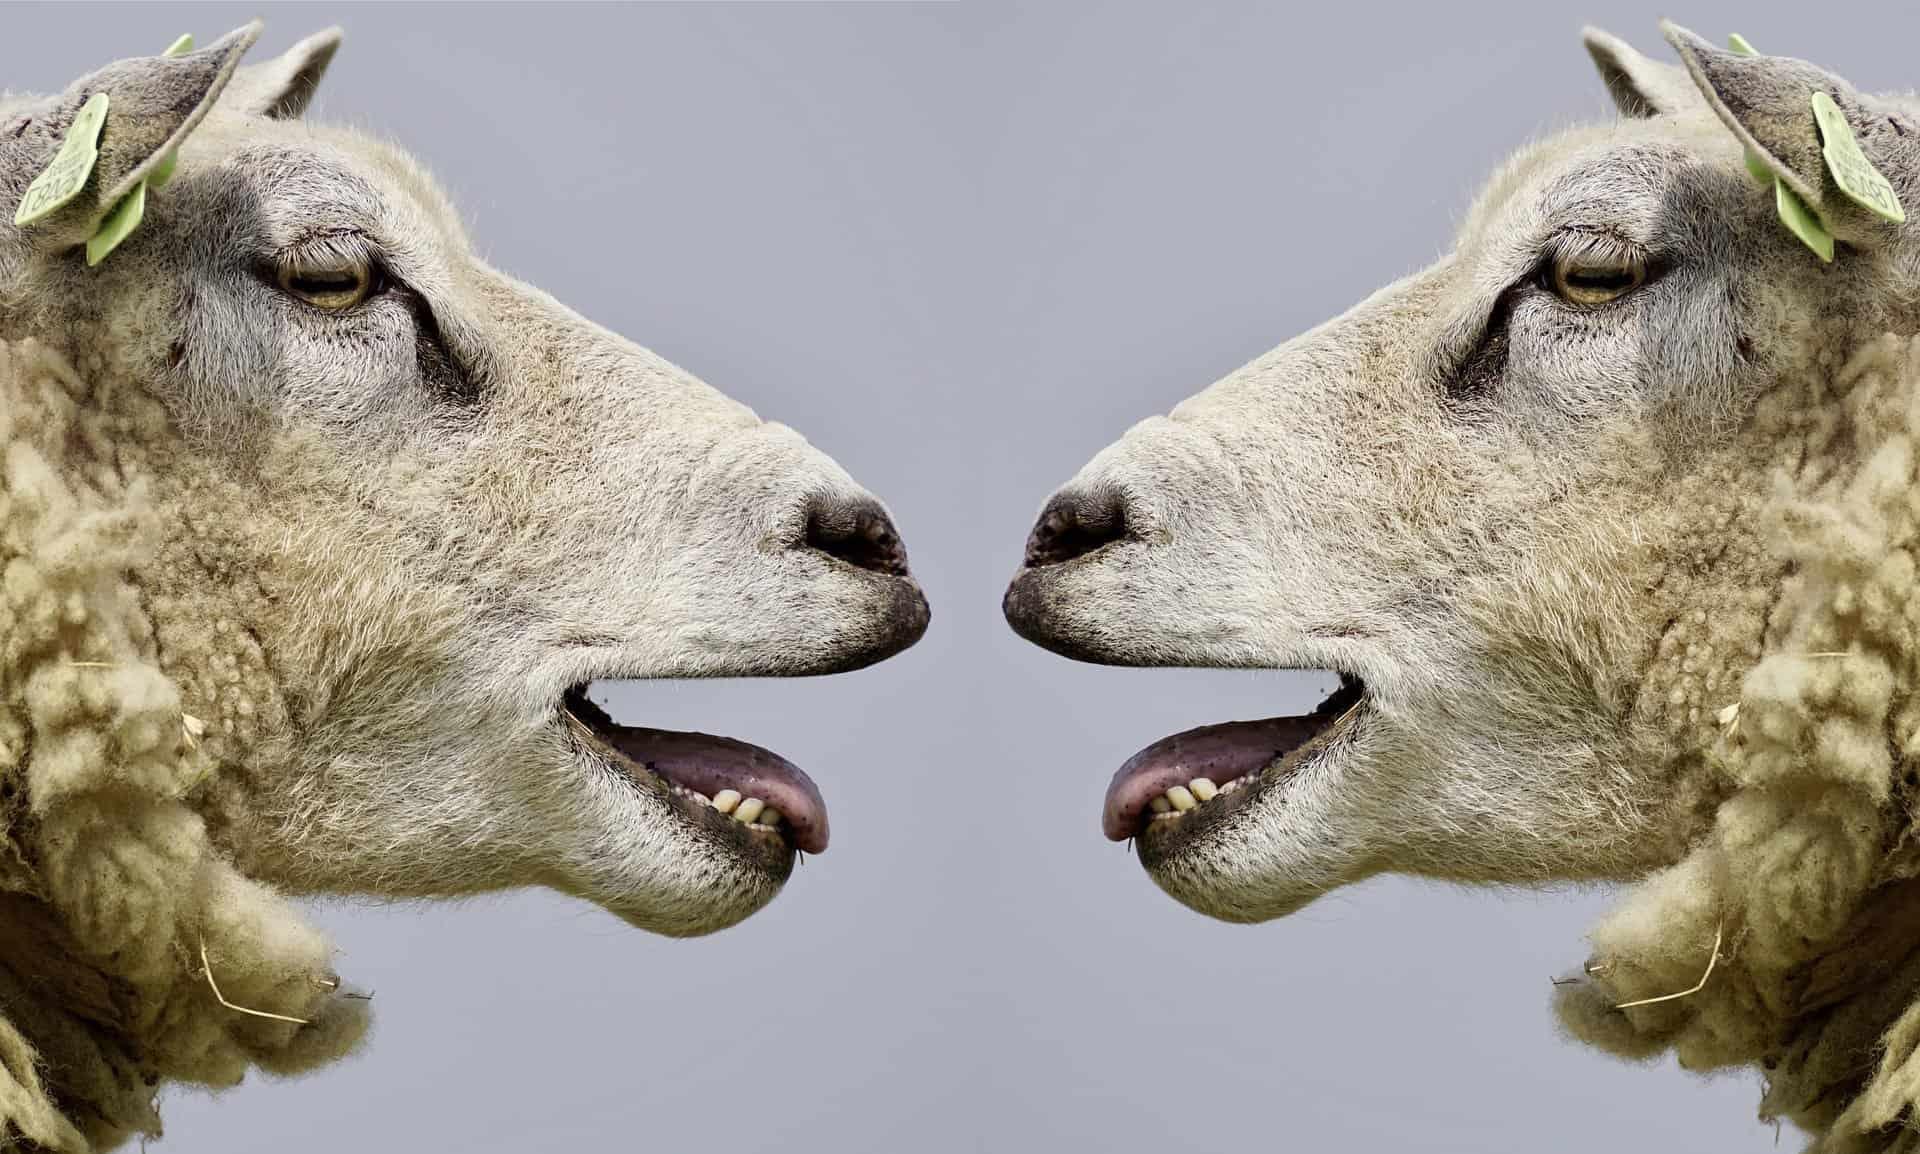 https://laroueetlaplume.fr/wp-content/uploads/2020/01/moutons.jpg